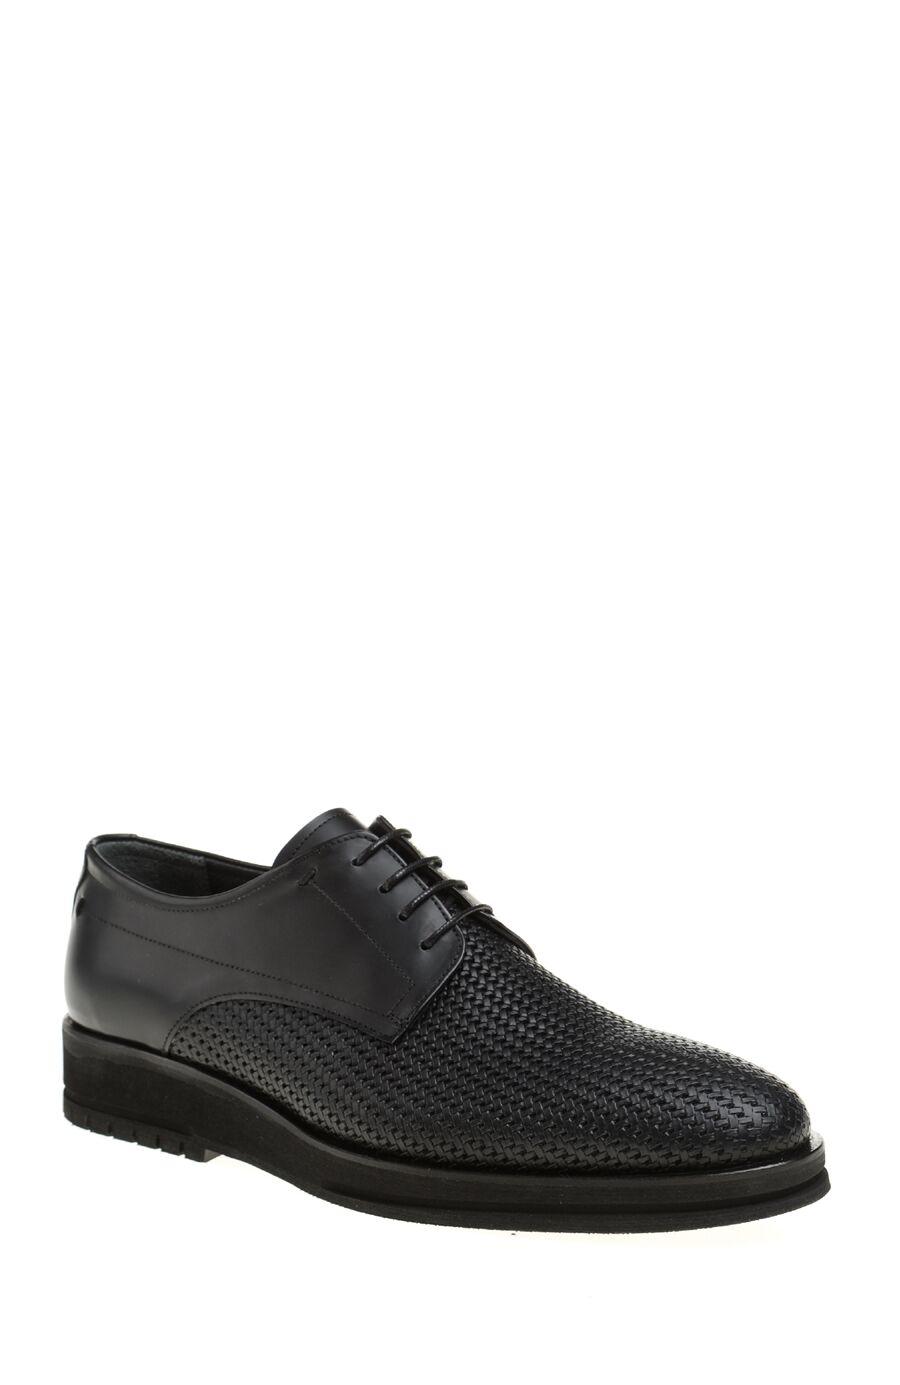 Örgü Desenli Siyah Ayakkabı